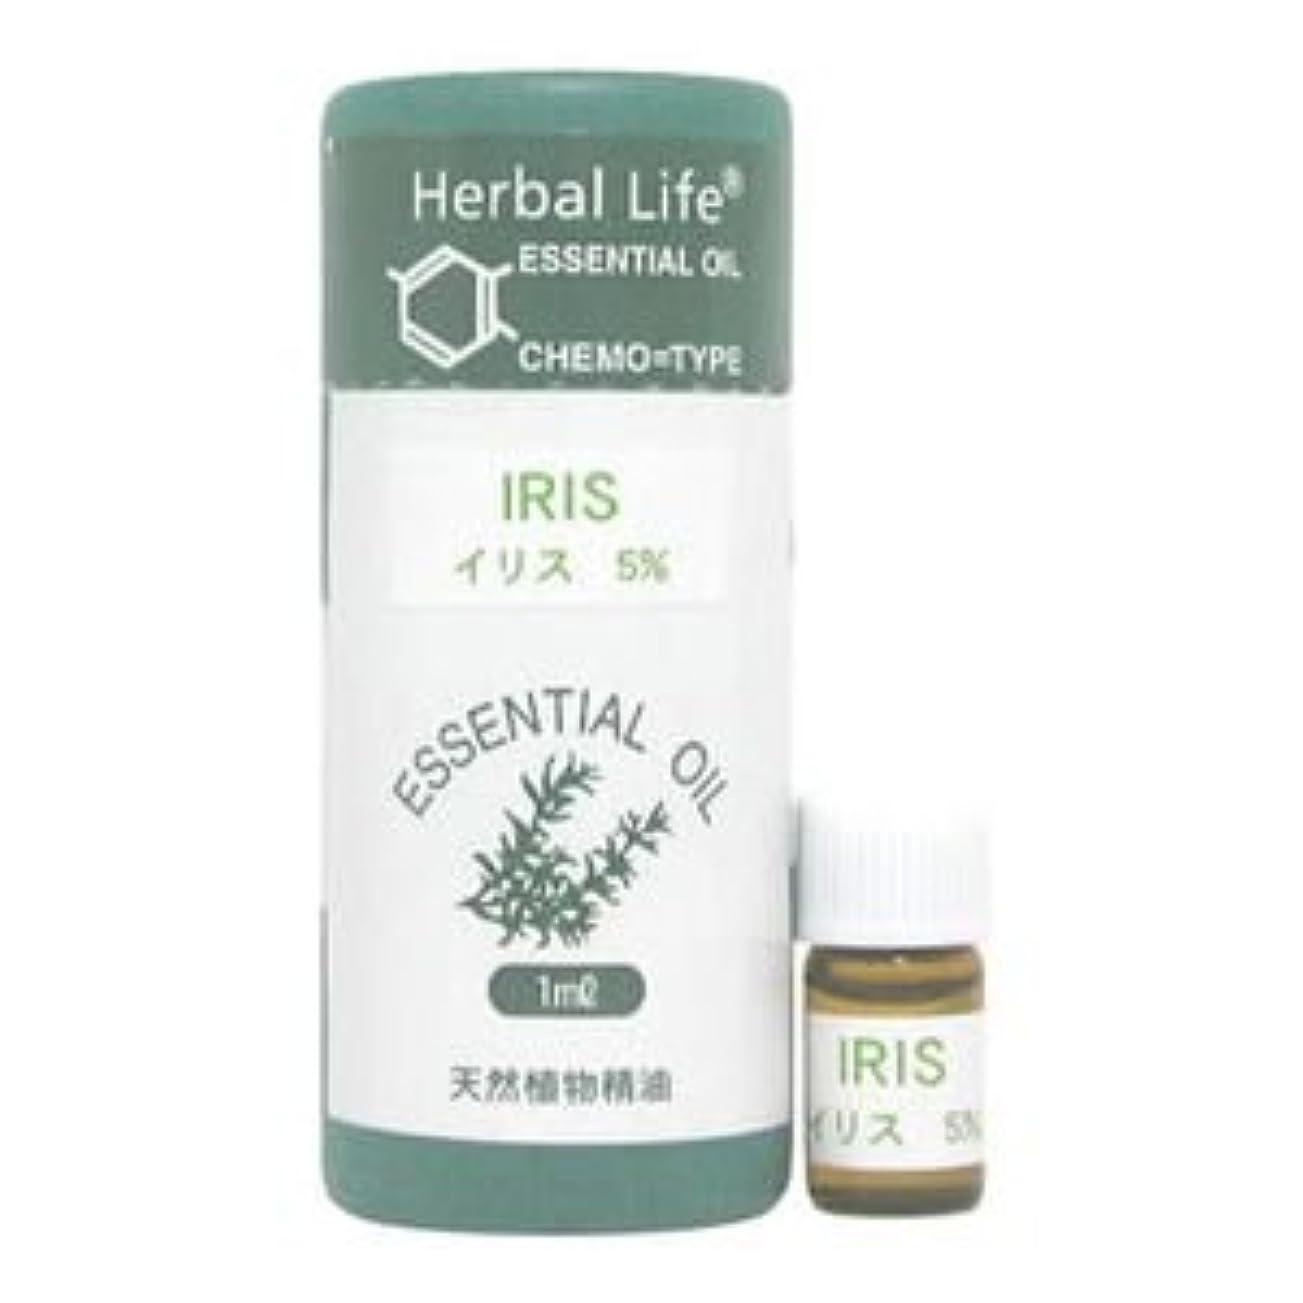 バブルさらに薬理学Herbal Life イリス(5%希釈液) 1ml